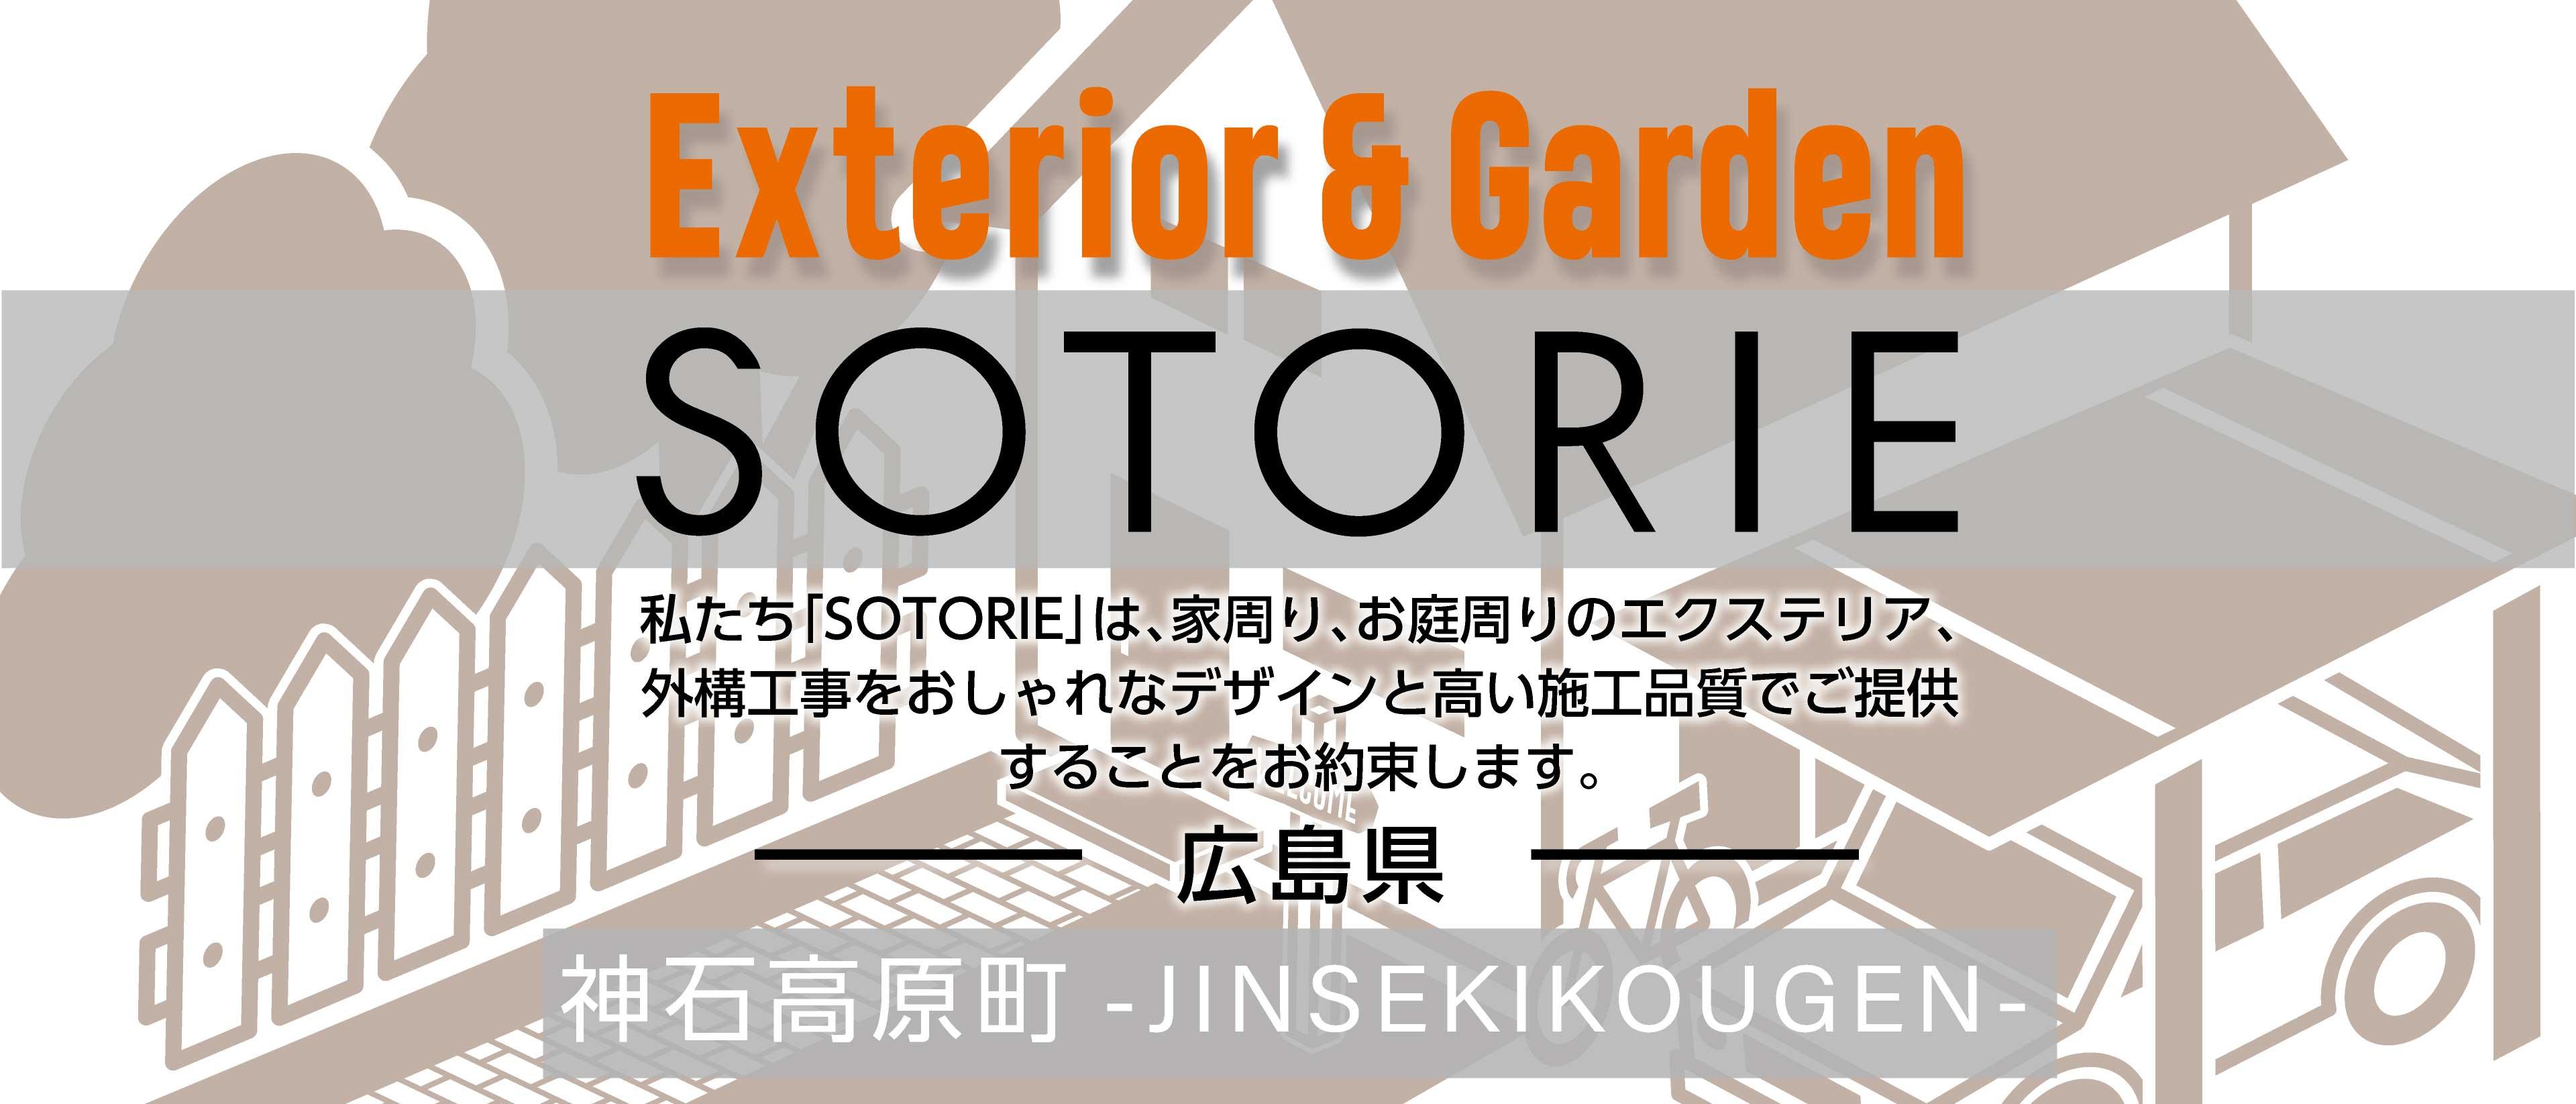 ソトリエ神石高原町では、家周りと庭周りの外構、エクステリア工事をおしゃれなデザインと高い施工品質でご提供することをお約束します。